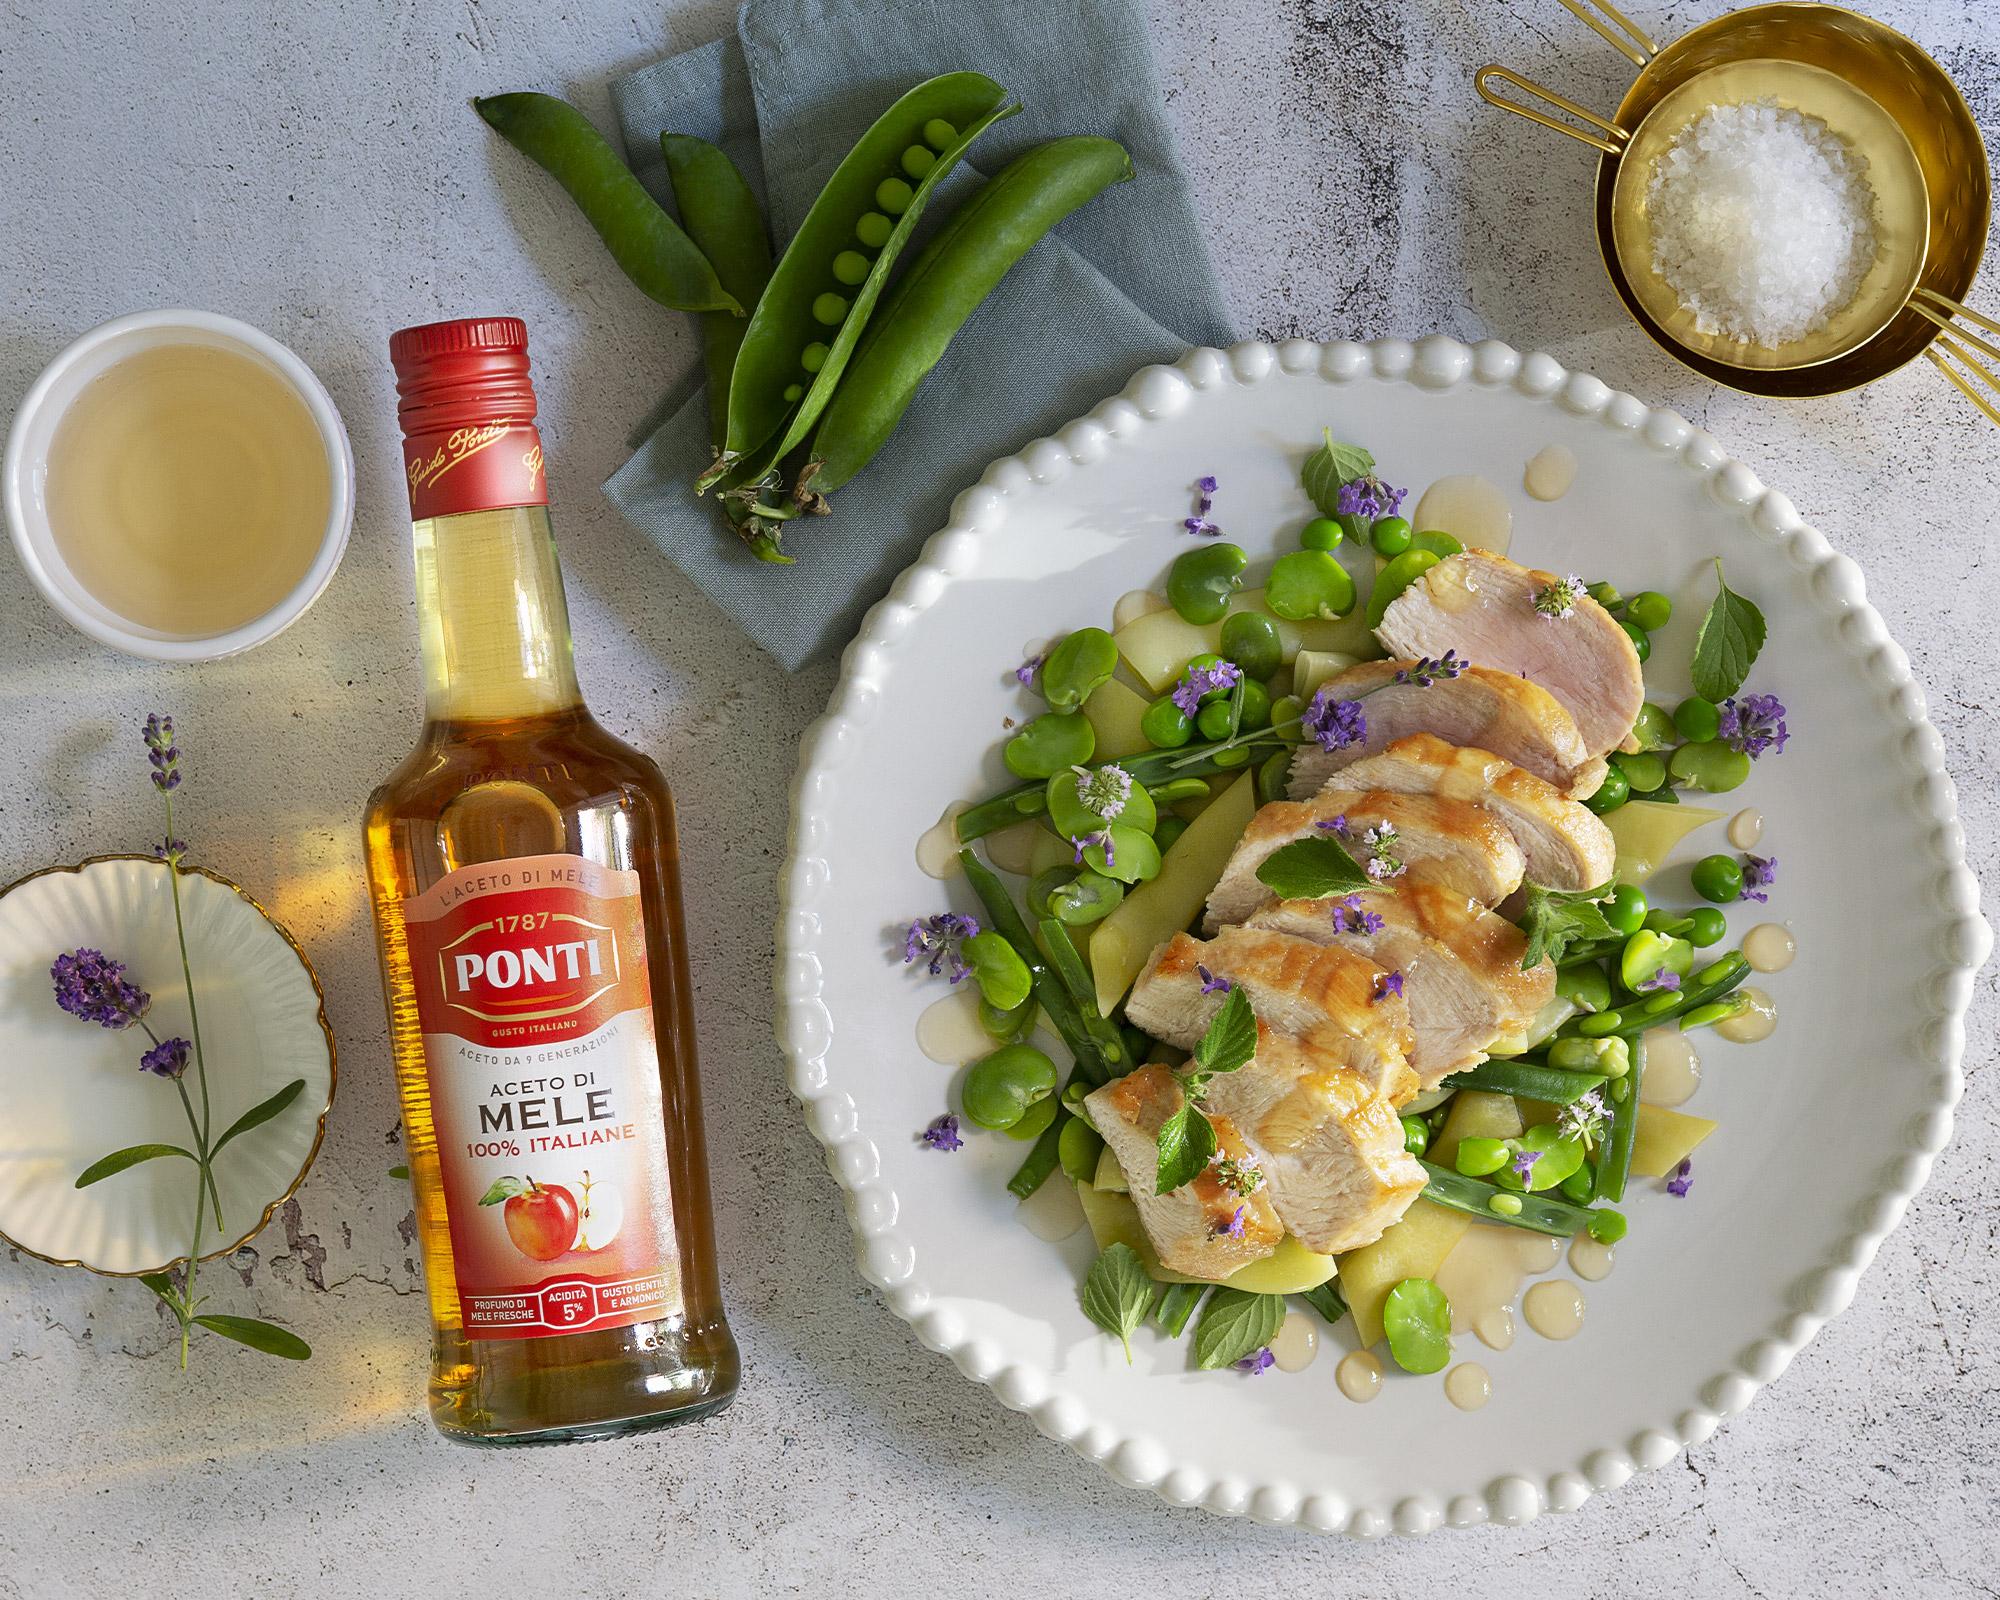 Misto verde fagiolini fave piselli e taccole pollo spadellato all'agro - Ponti